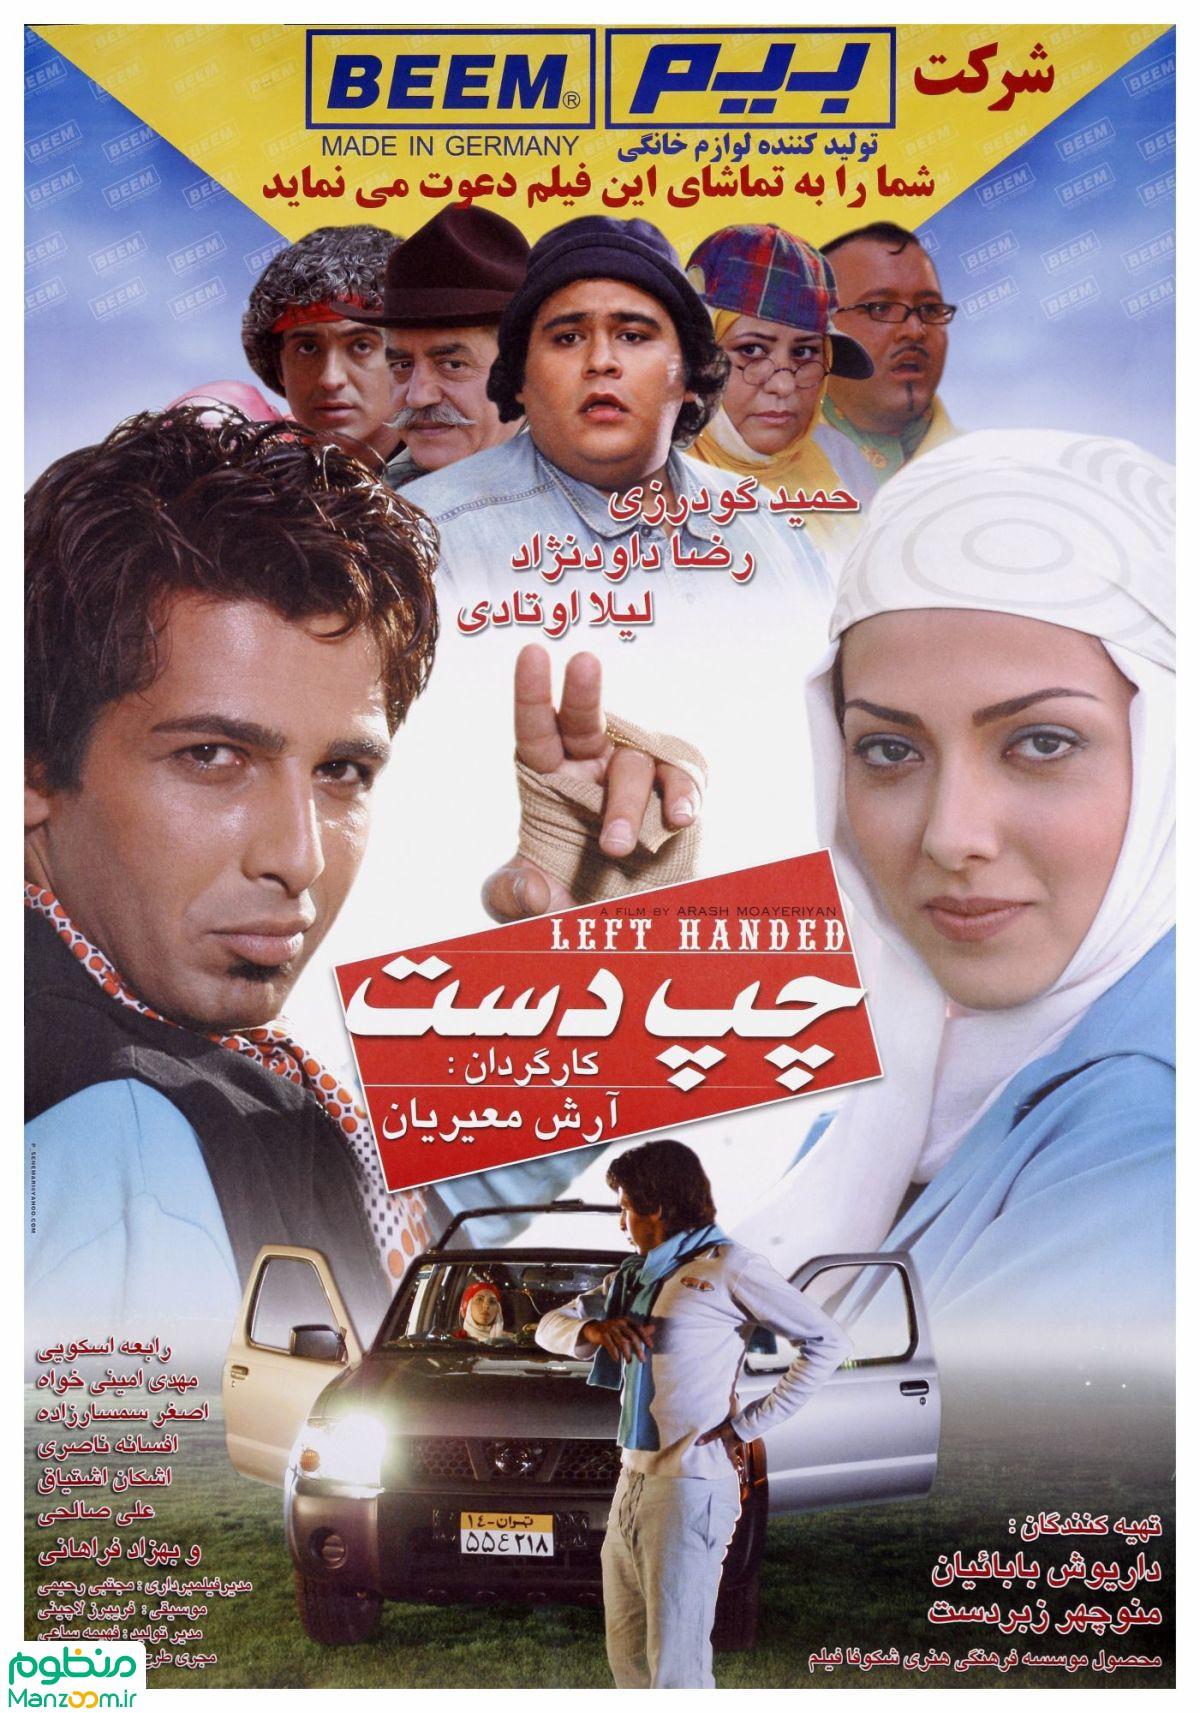 فیلم سینمایی چپ دست به کارگردانی آرش معیریان